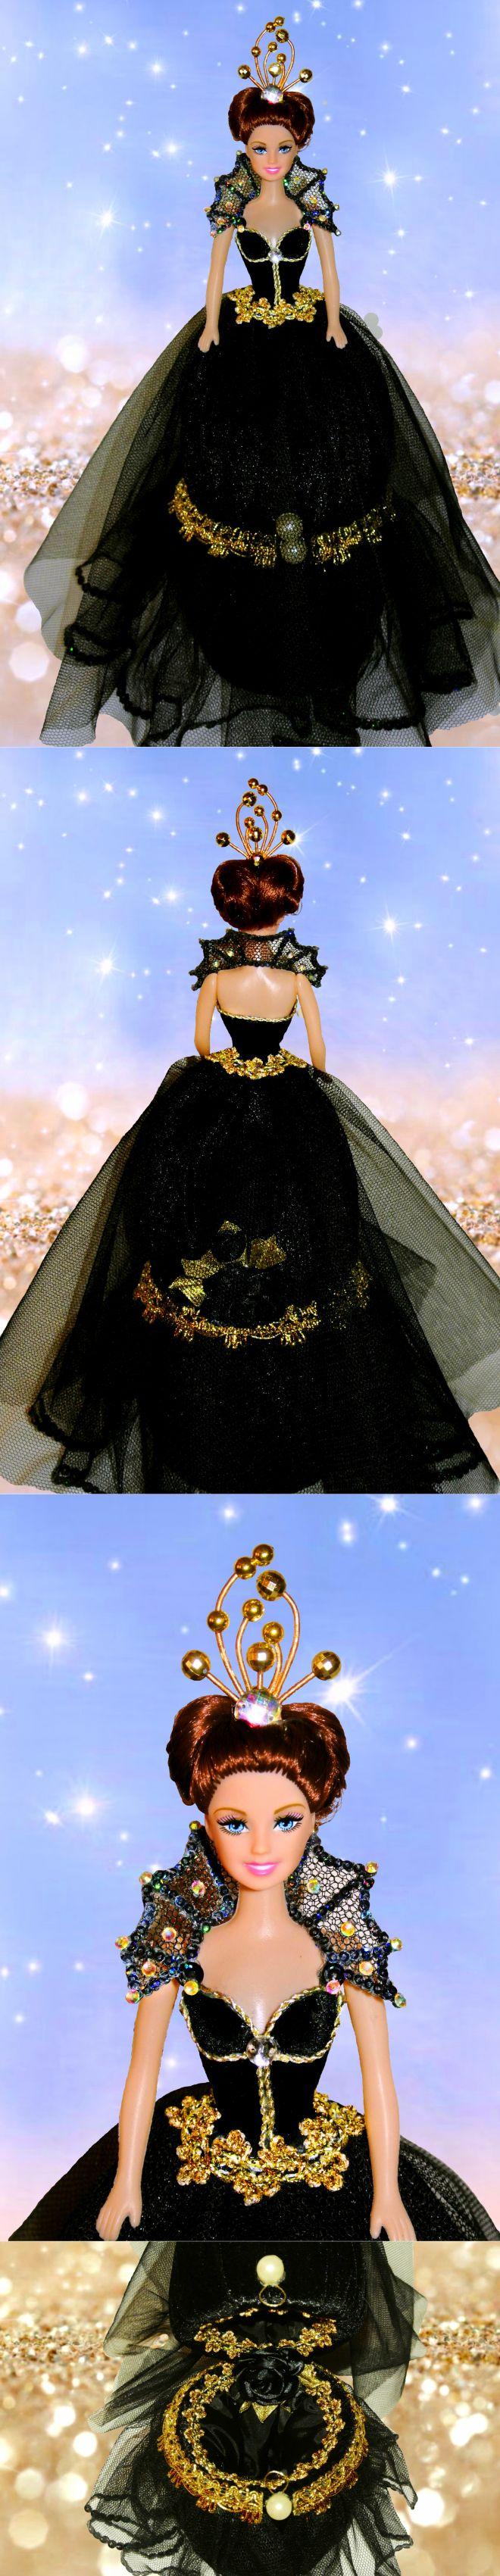 Кукла-шкатулка 'Чародейка', Мастерская Rainbow overflow, Мастер made18 - http://LangeSTORE.ru